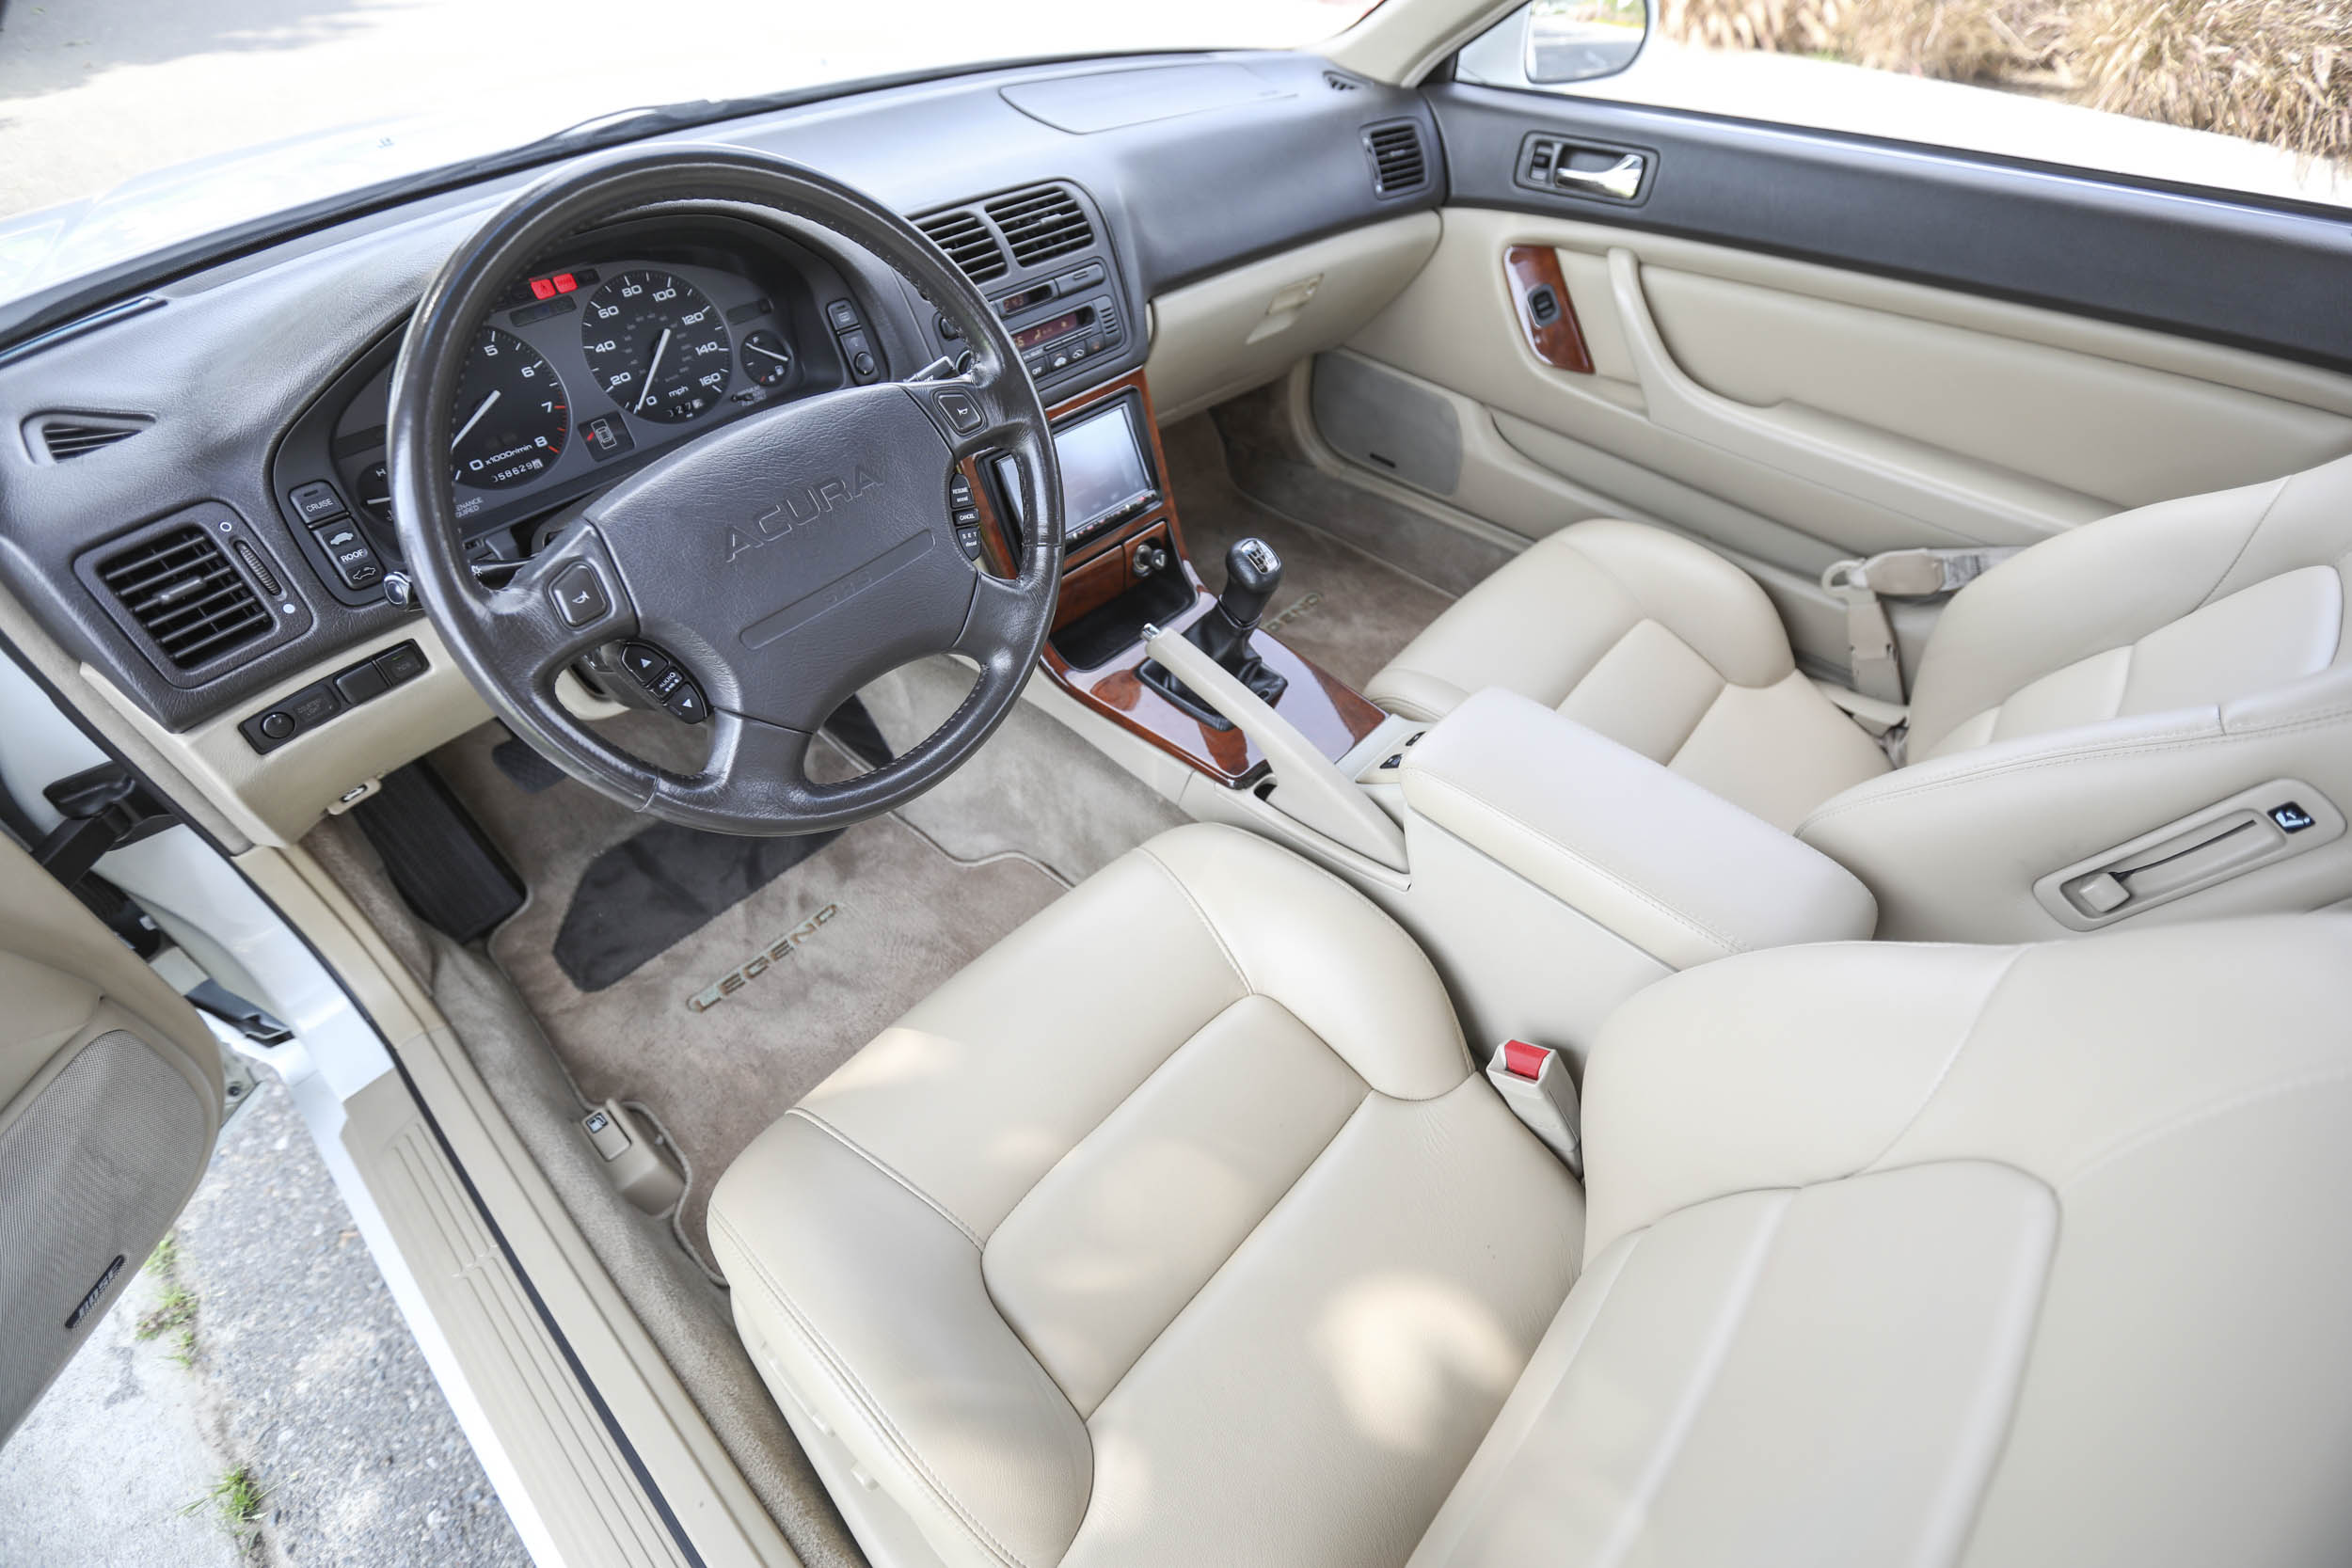 1994 Acura Legend LS interior